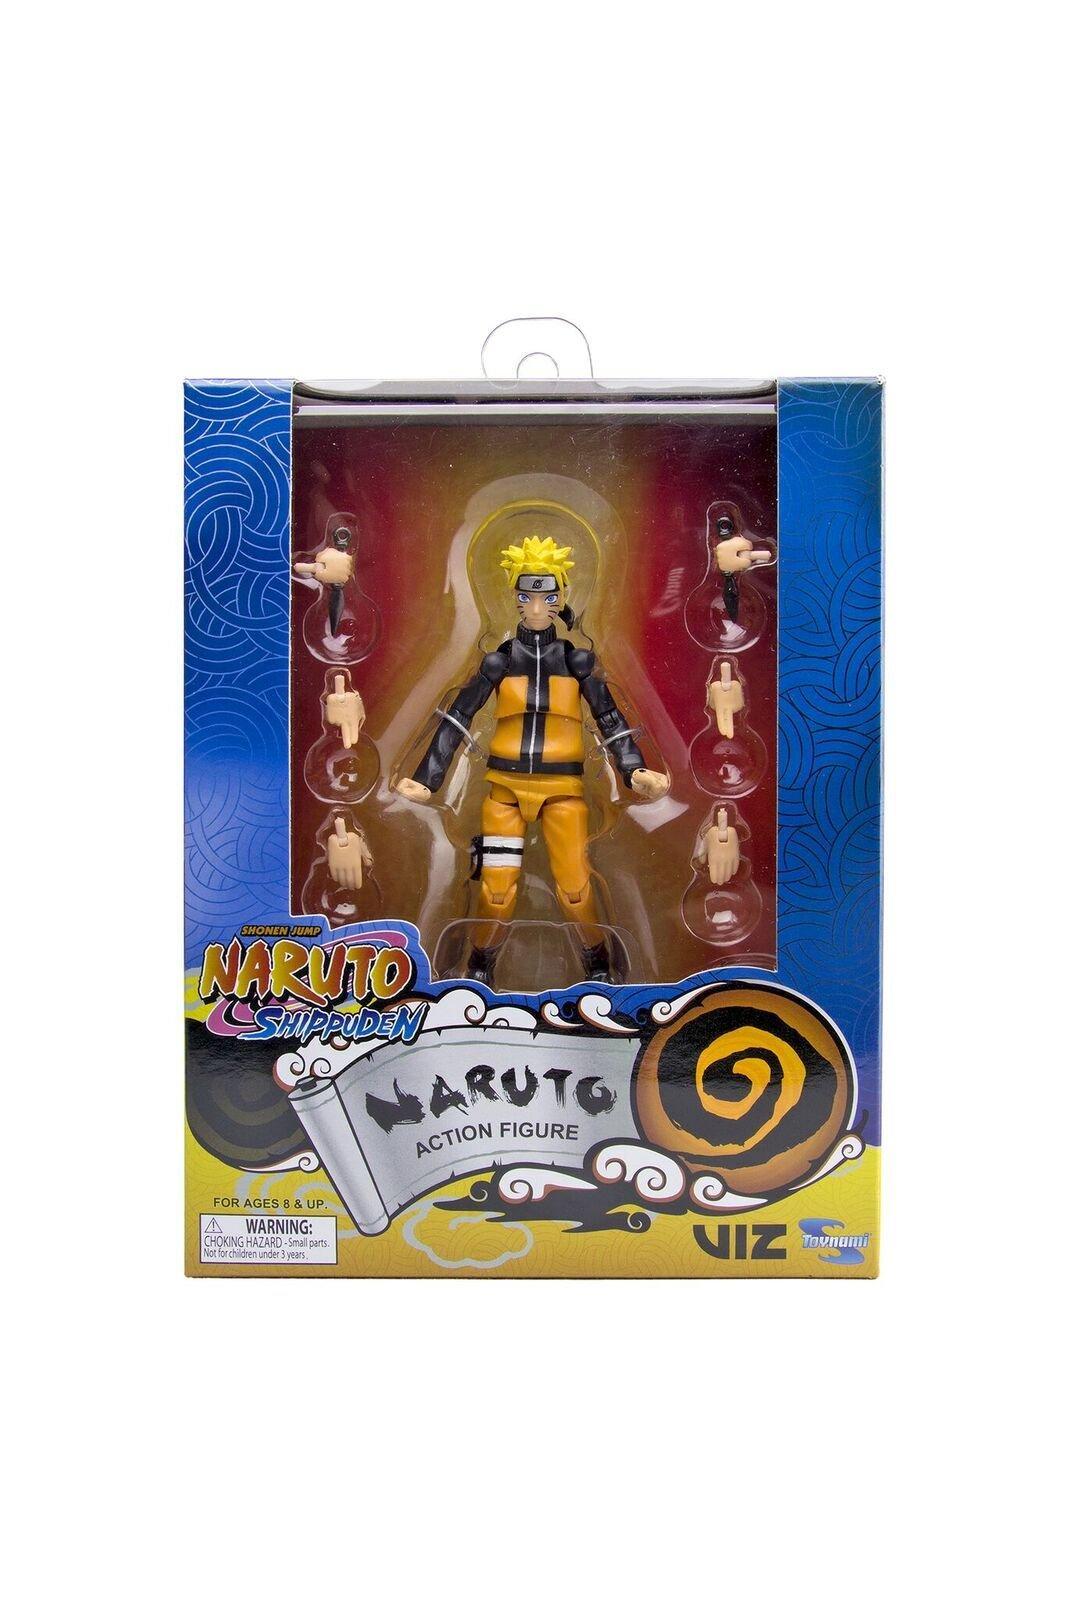 Naruto Shippuden Naruto Action Figure 4 inch | GameStop